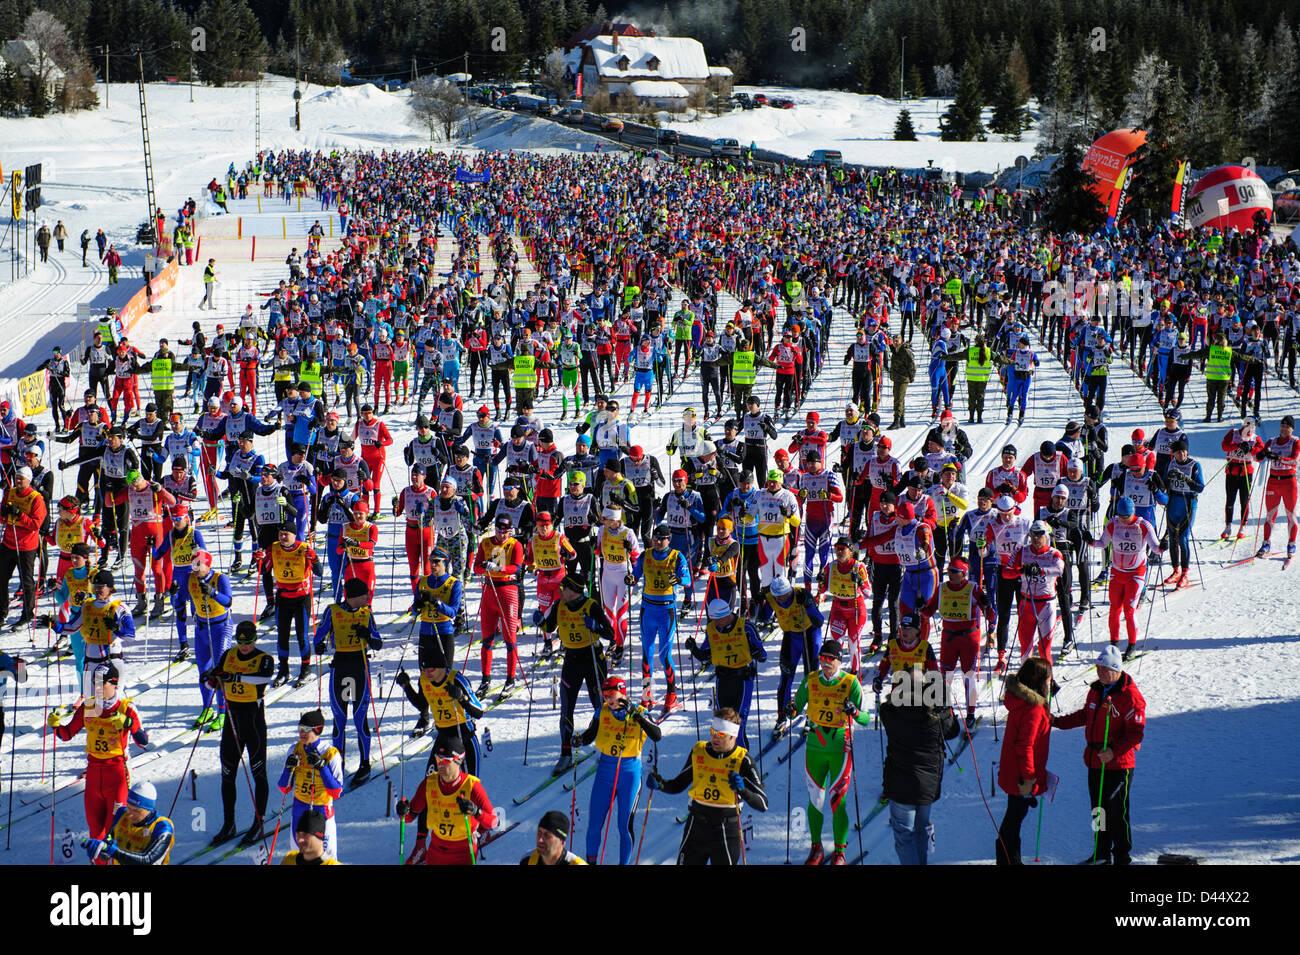 Une vue générale des participants de l'Bieg Piastow cross-country, Jakuszyce, Pologne. Banque D'Images